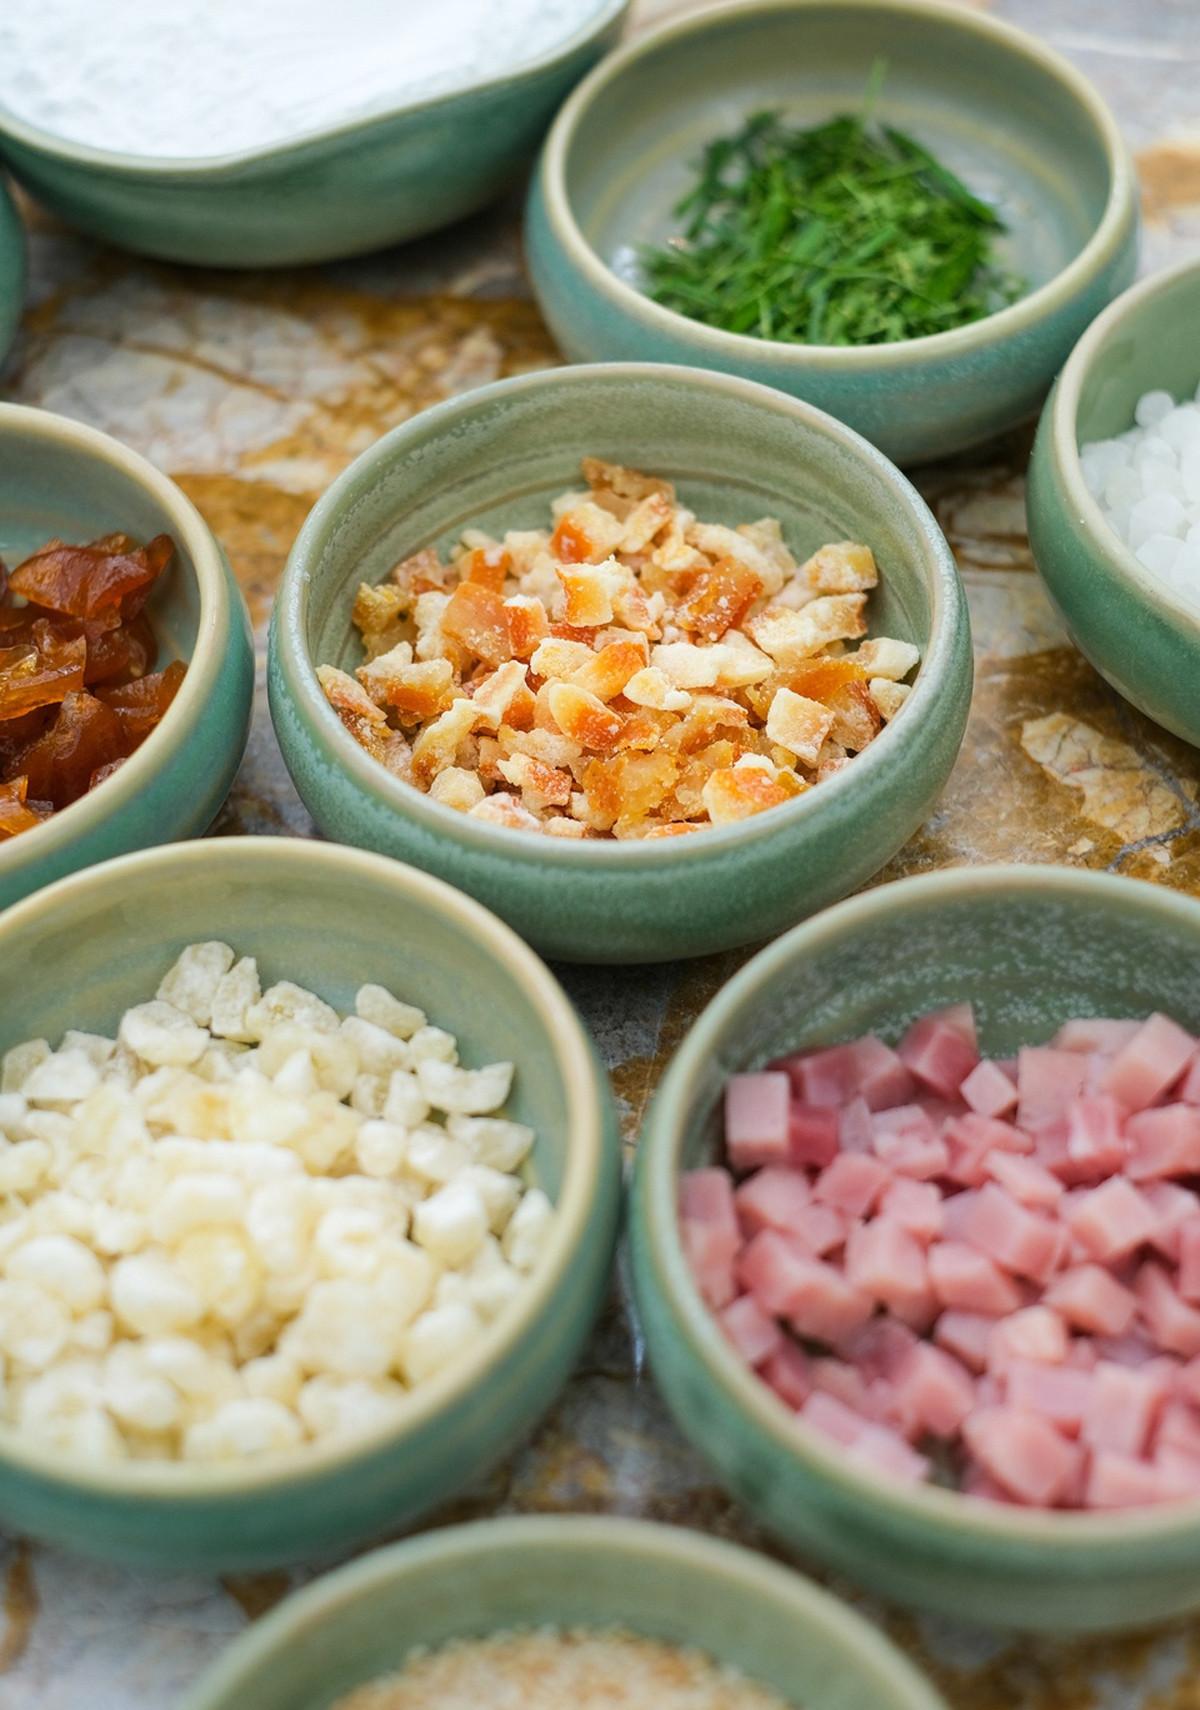 Các loại nhân truyền thống vẫn rất phổ biến, chẳng hạn như: thập cẩm, đậu xanh, hạt sen, trà xanh, khoai môn, trứng muối...